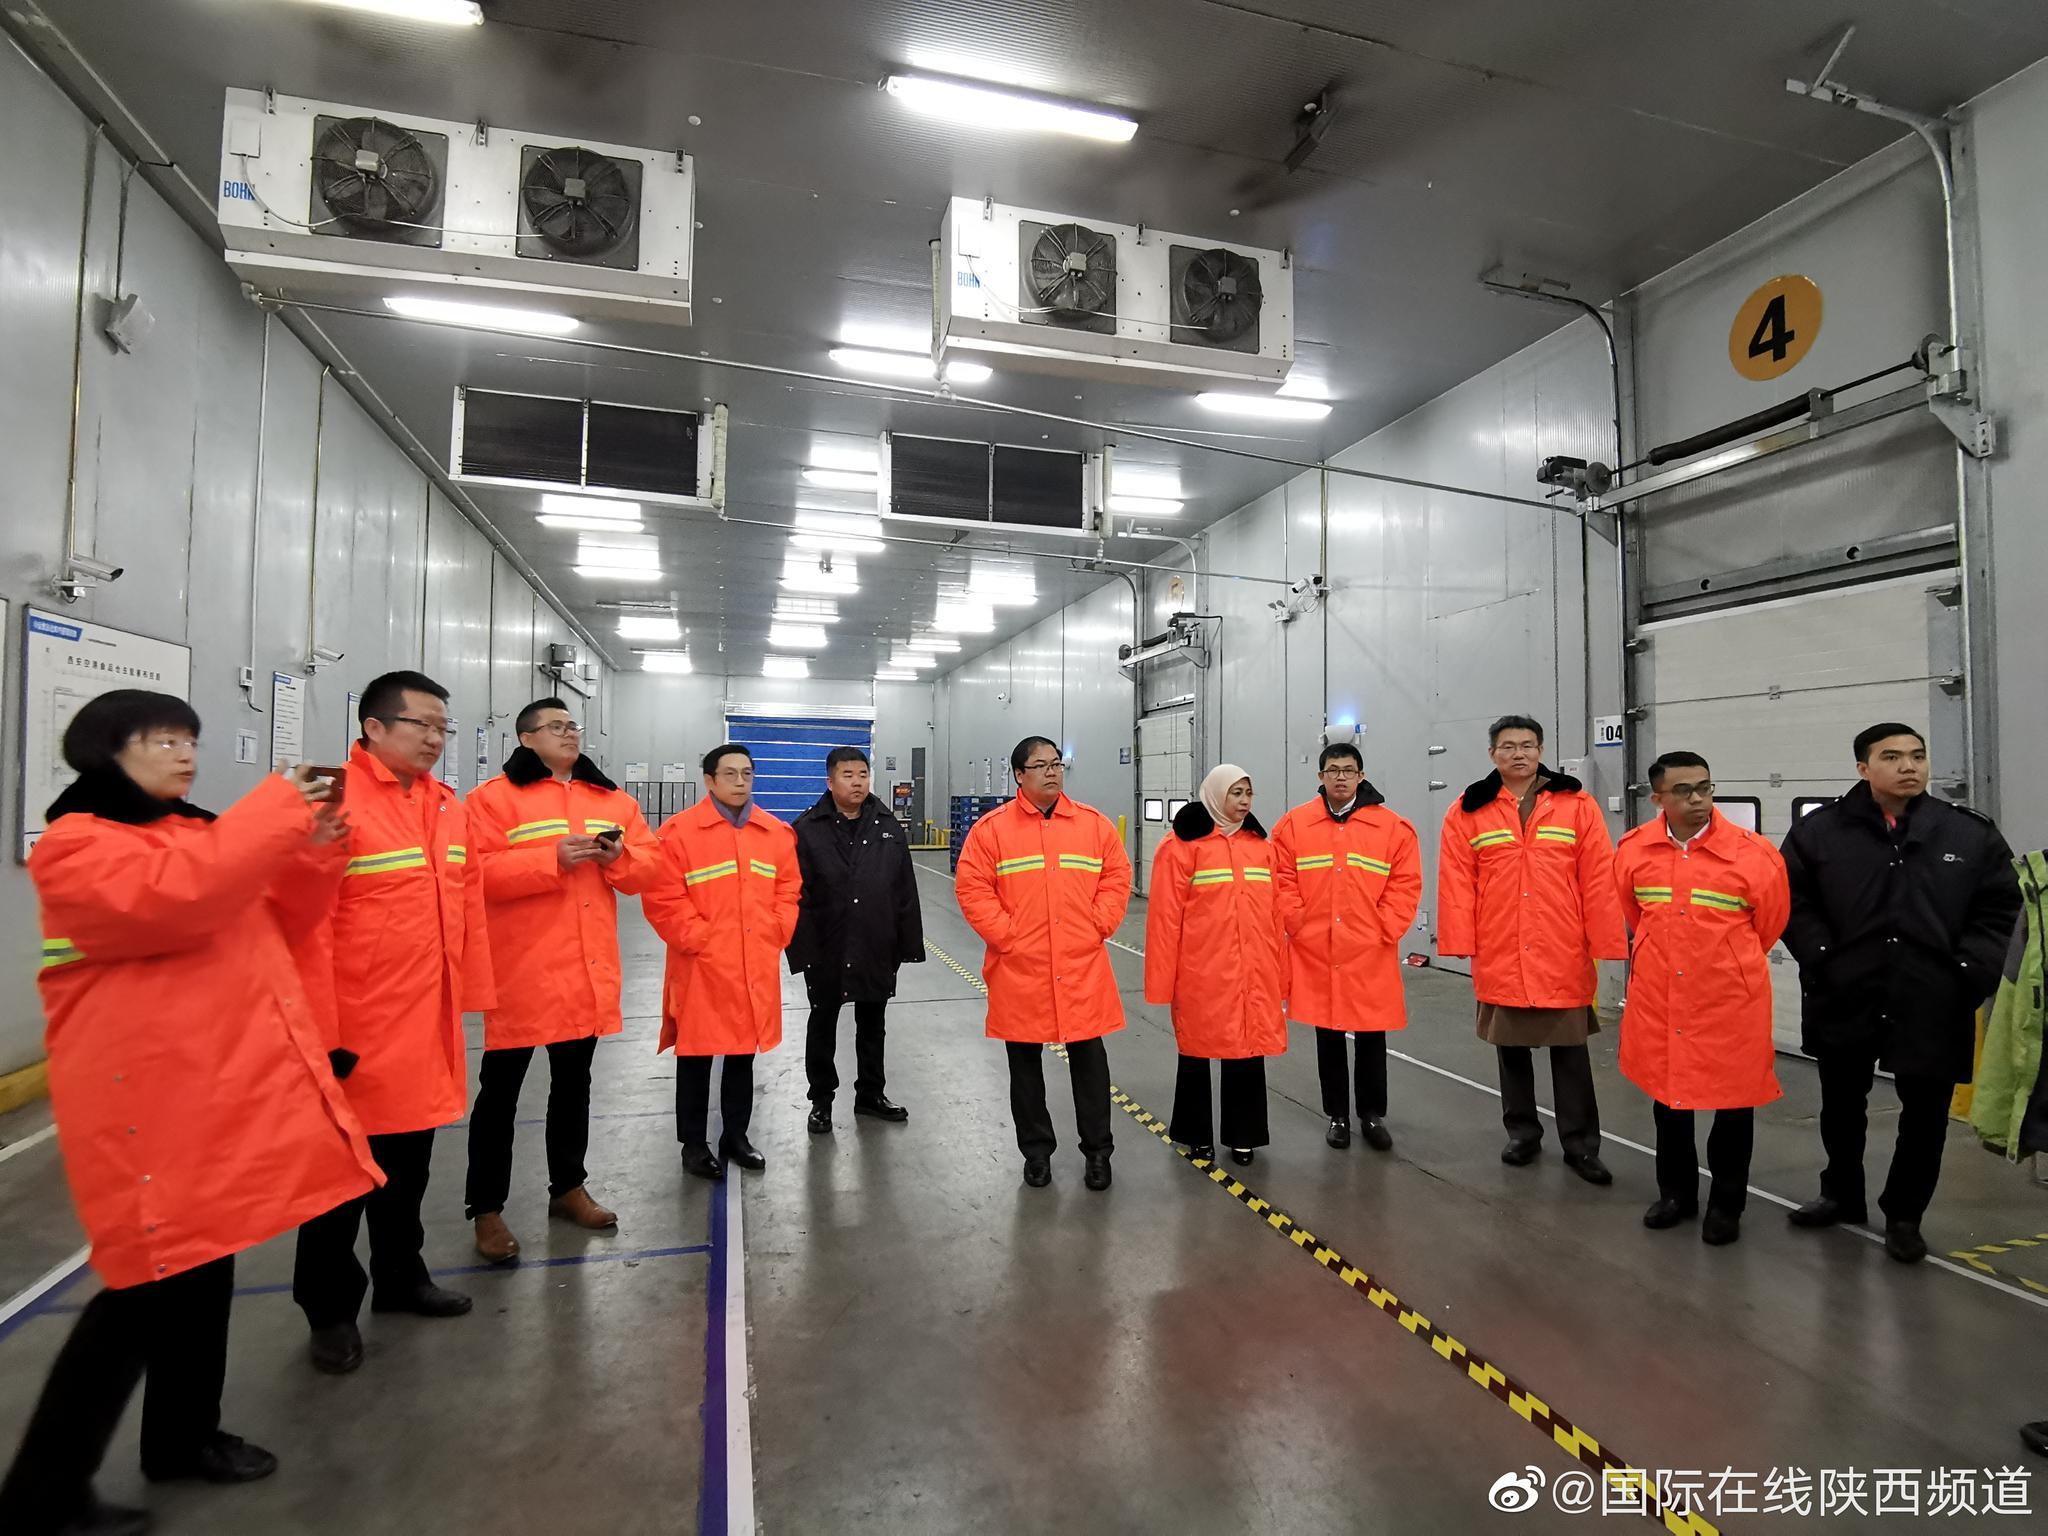 驻华使节走进顺丰速运 参访冷链物流工厂